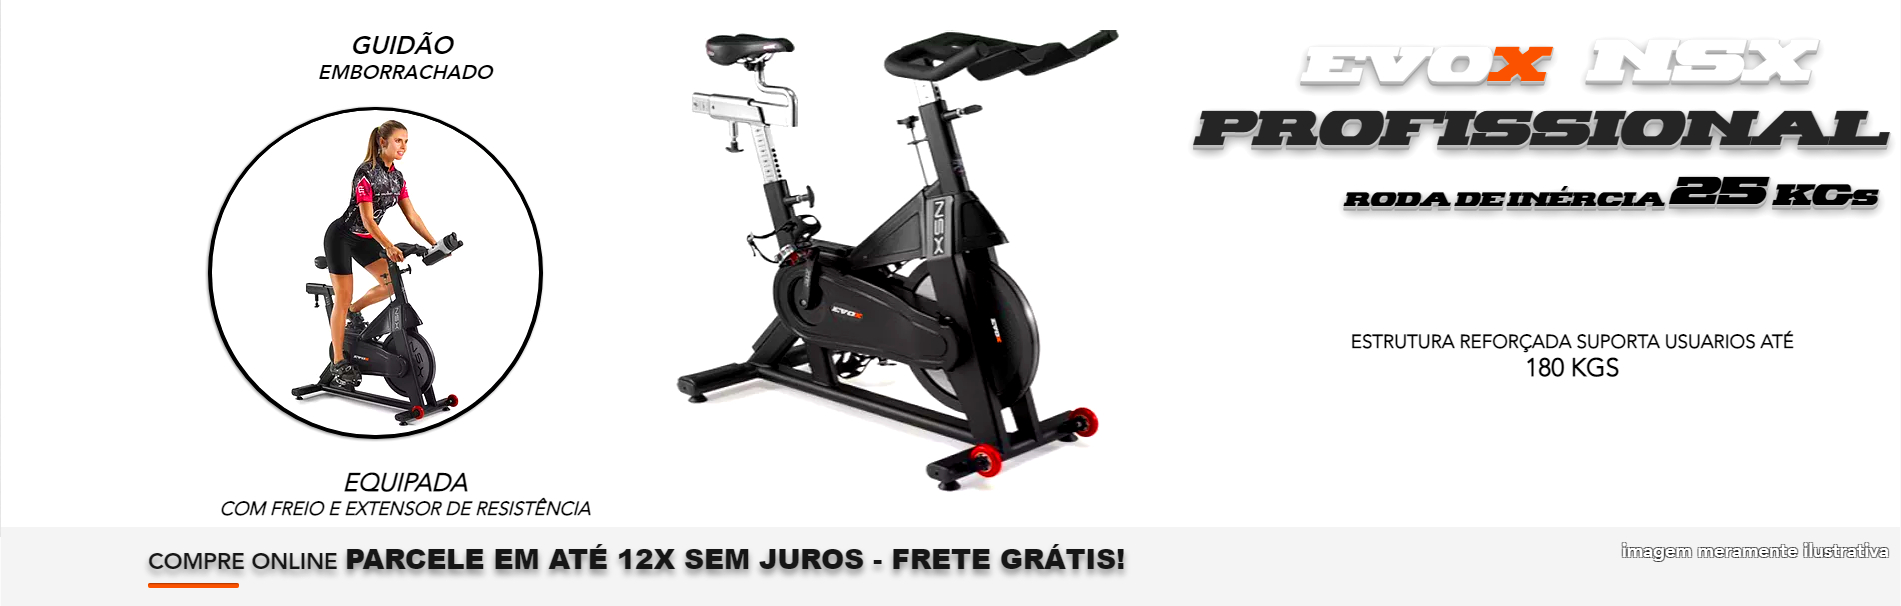 Bicicleta Spinning NSX